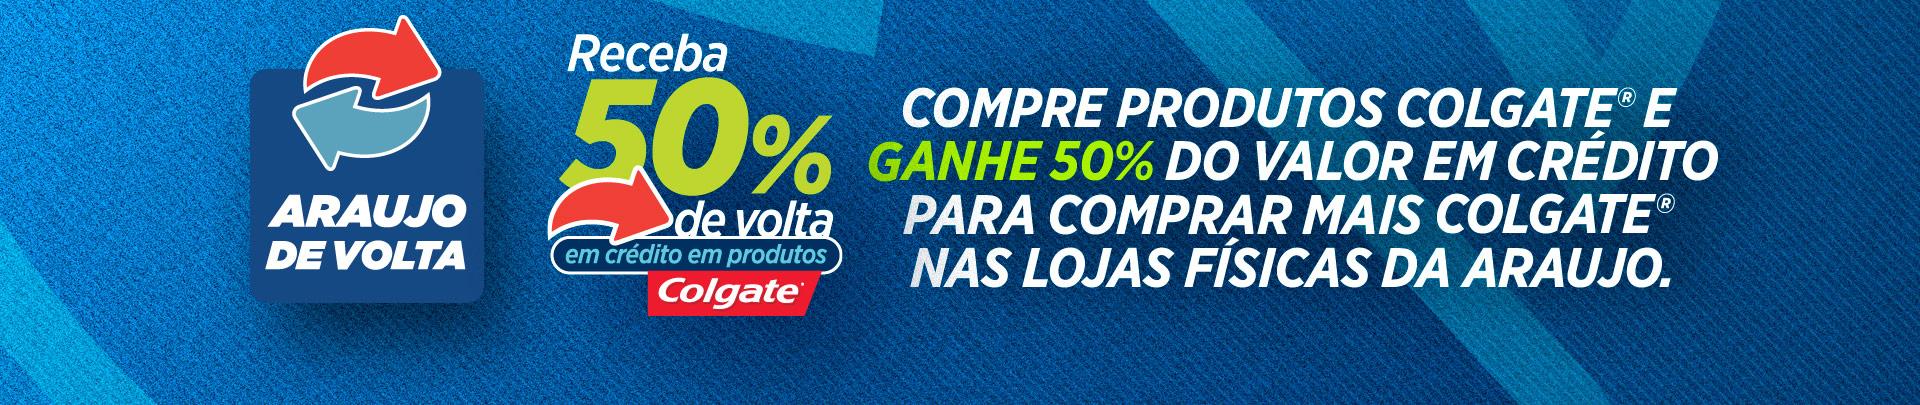 araujo_de_volta